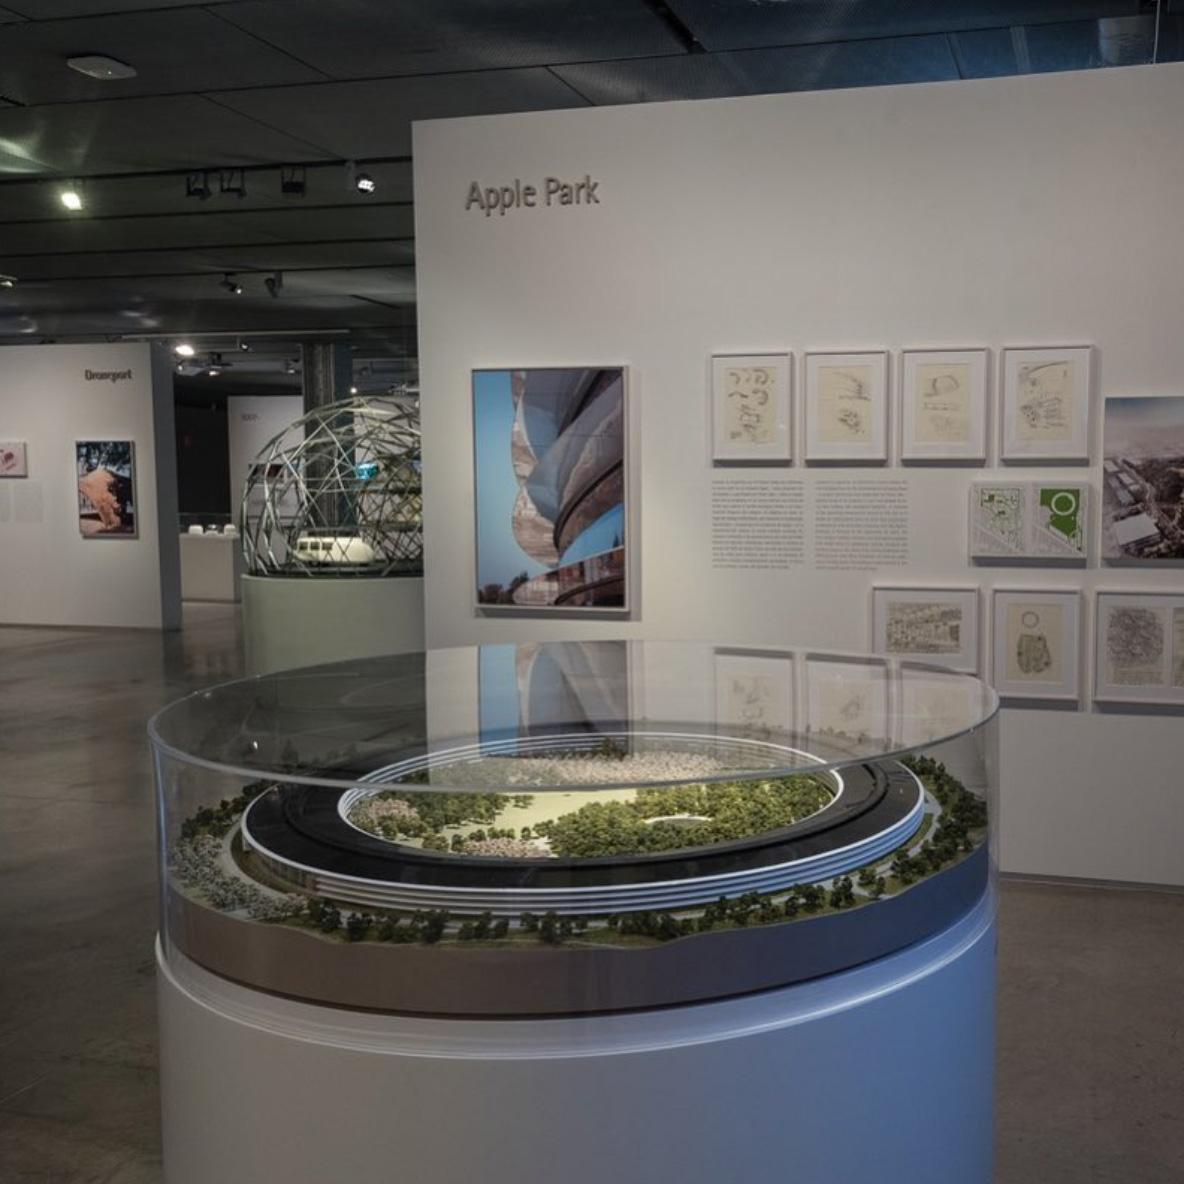 Maqueta del Apple Park en la Fundación Telefónica